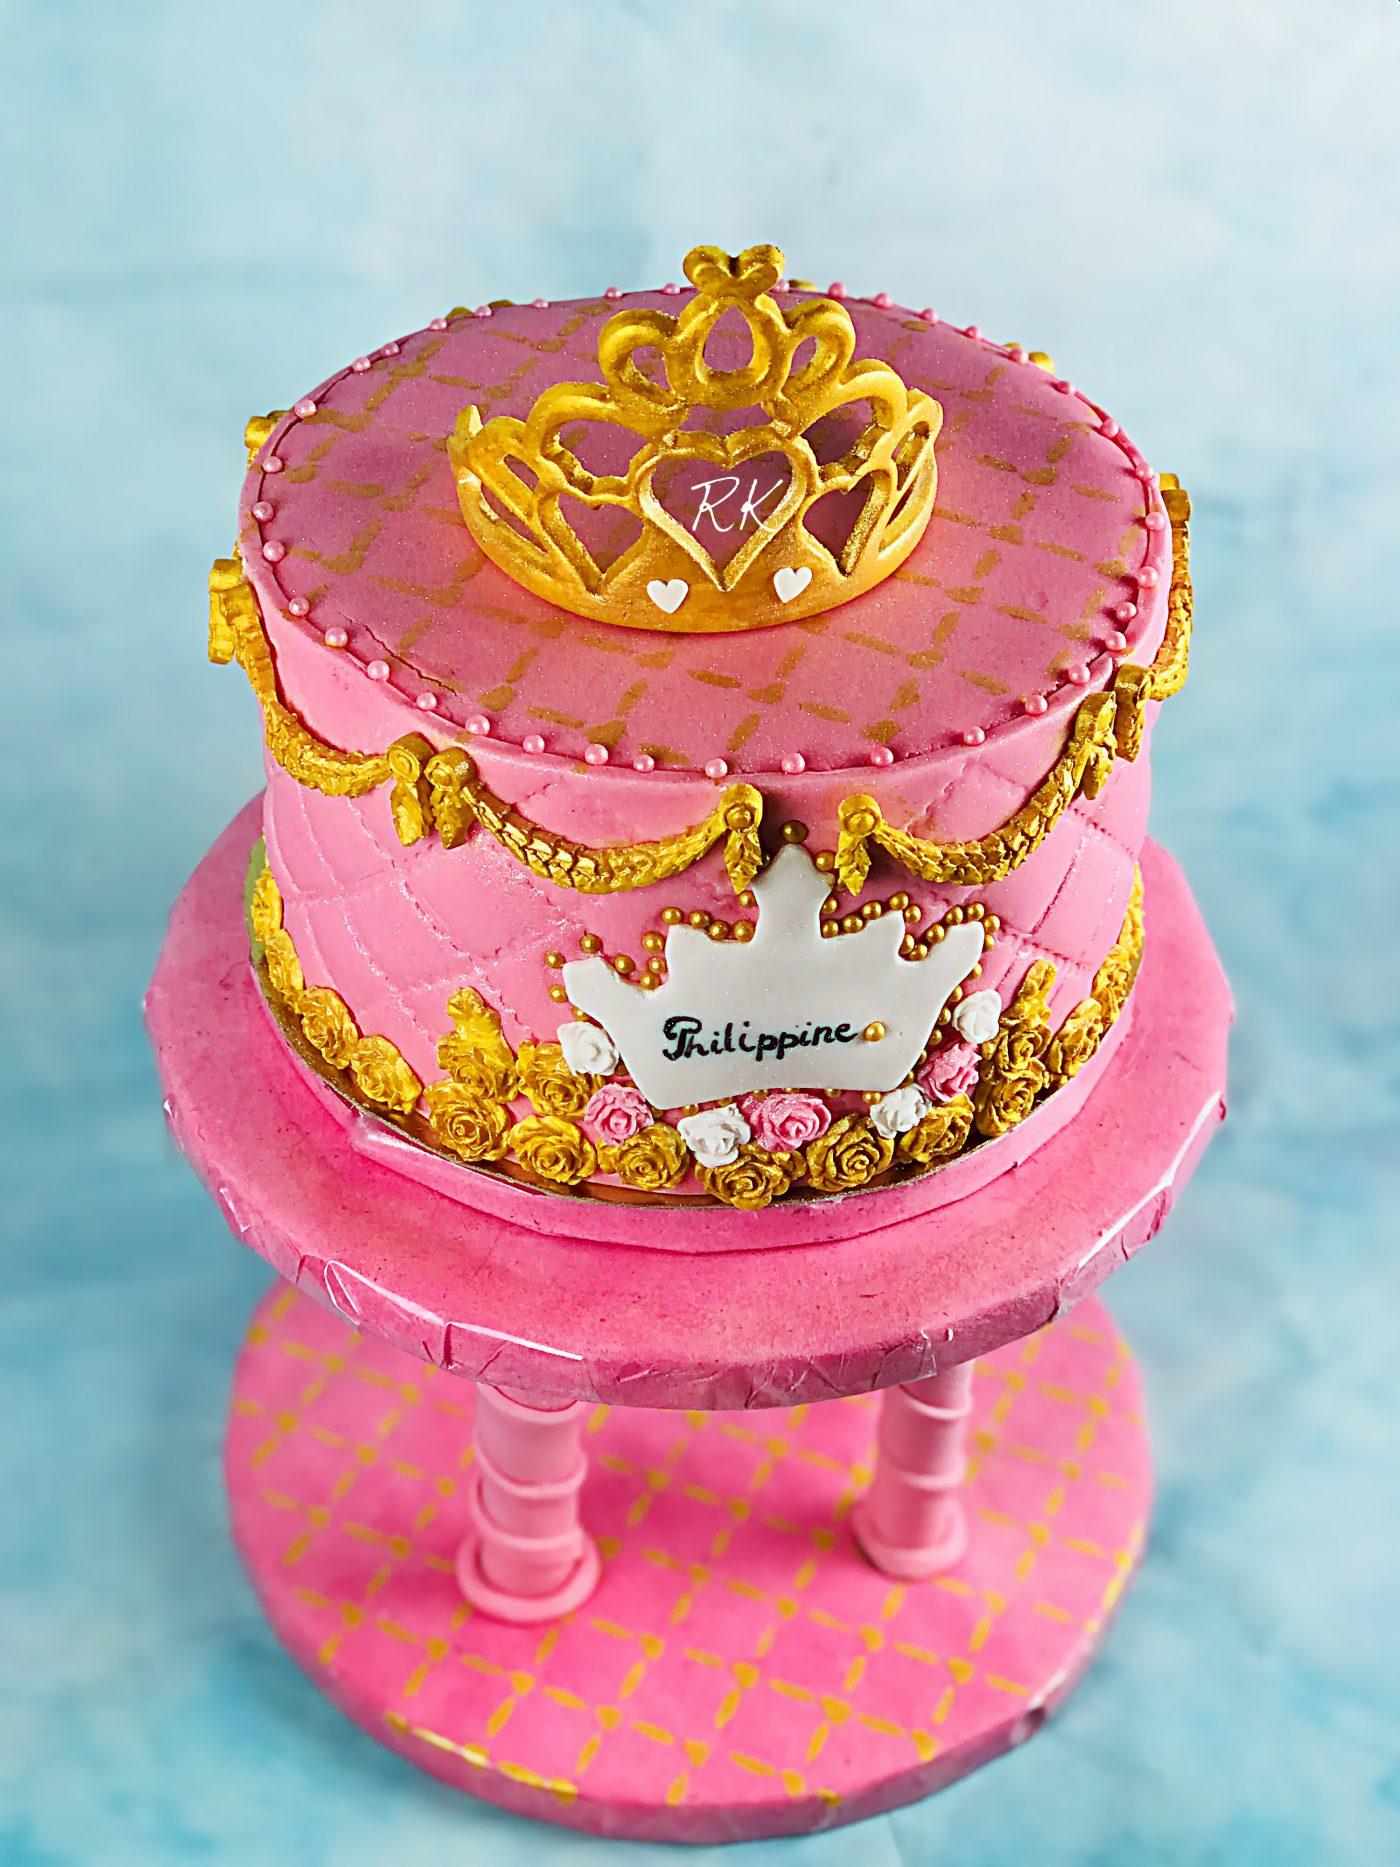 Gâteau mousseline couvert de crème au beurre à la vanille et fourré de chocolat à la fraise